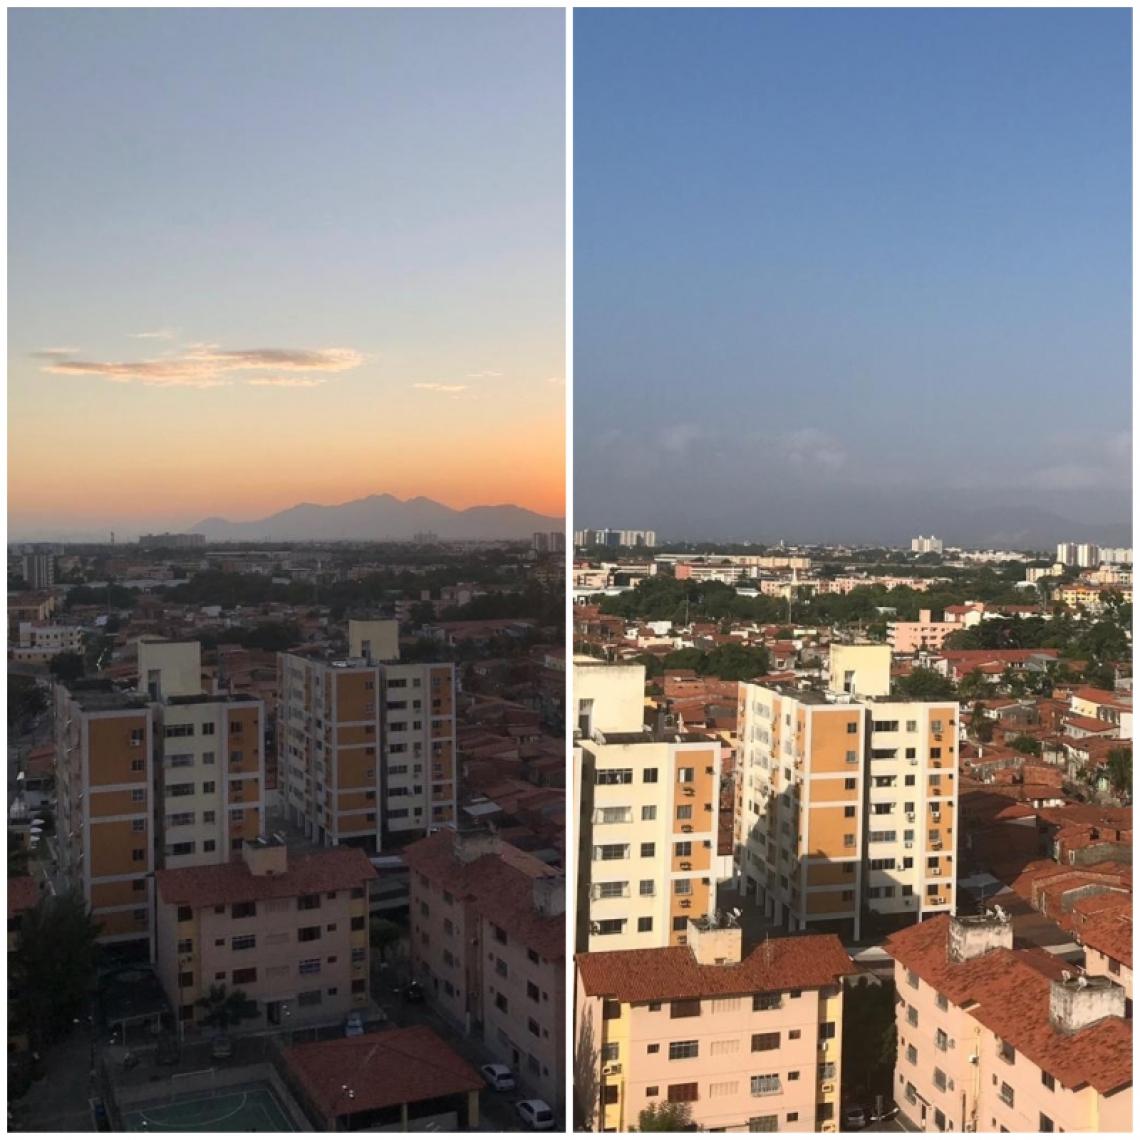 À esquerda, vista do céu dias antes do pico de queimadas na África. À direita, foto registrada no dia 20 de agosto